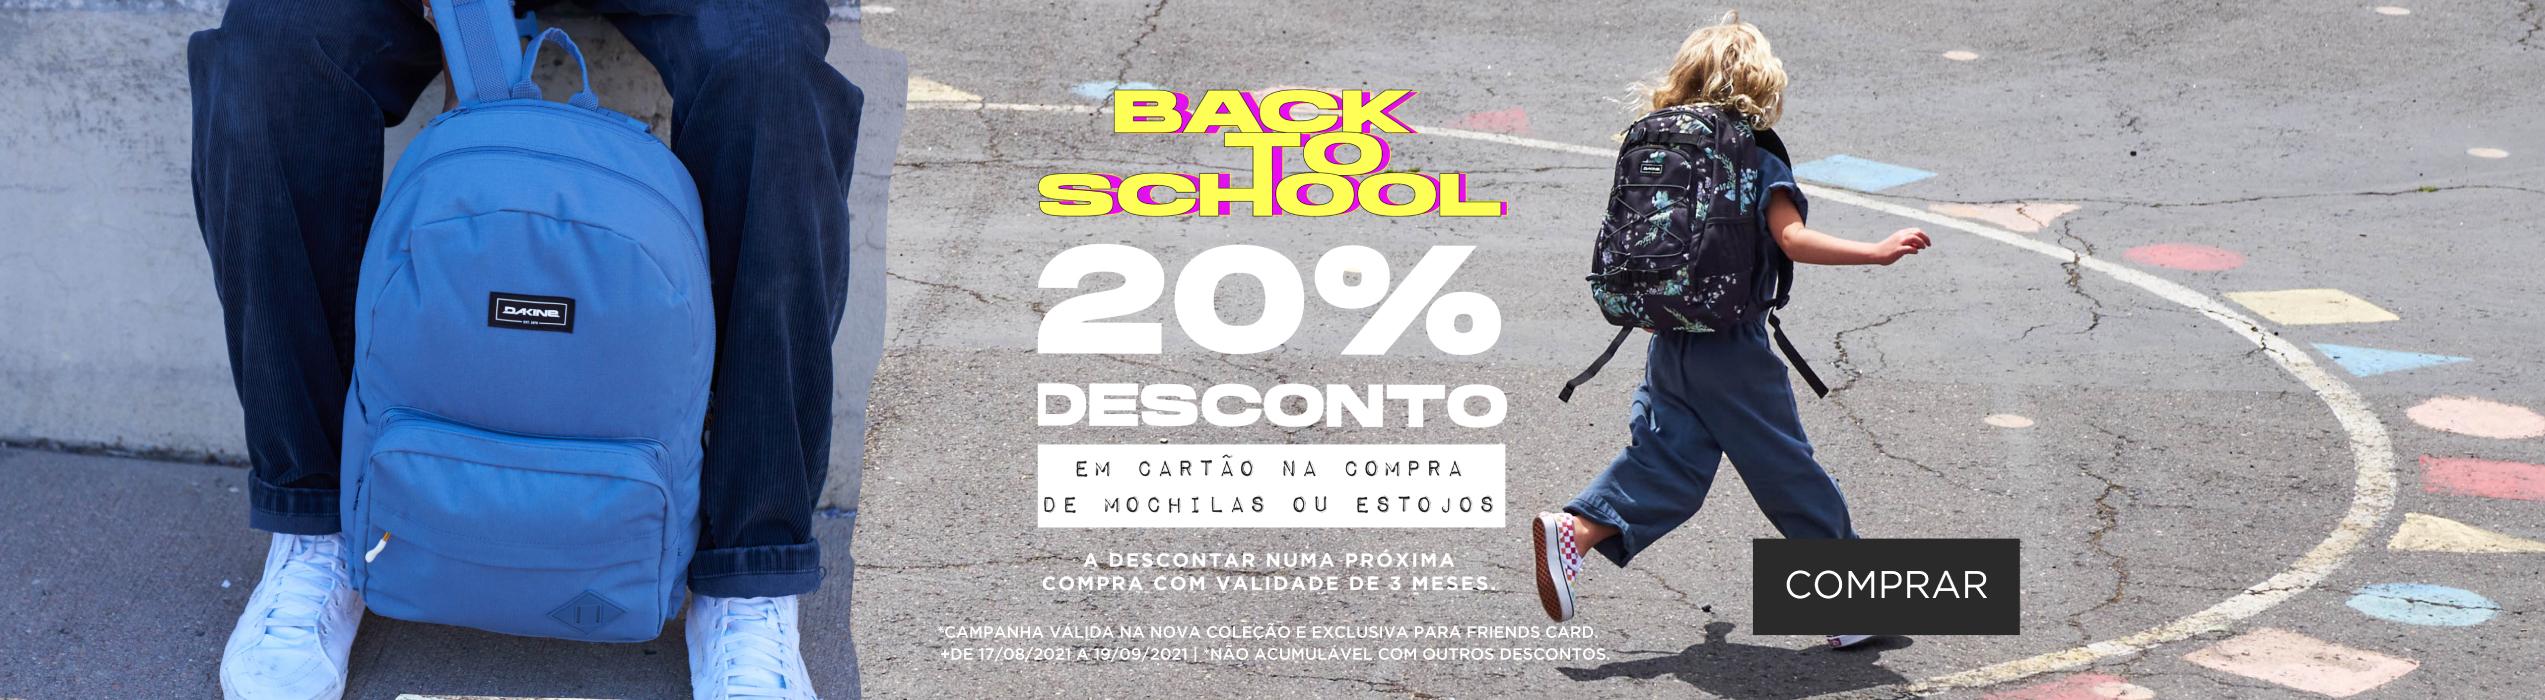 BACK TO SCHOOL | 20% DESCONTO